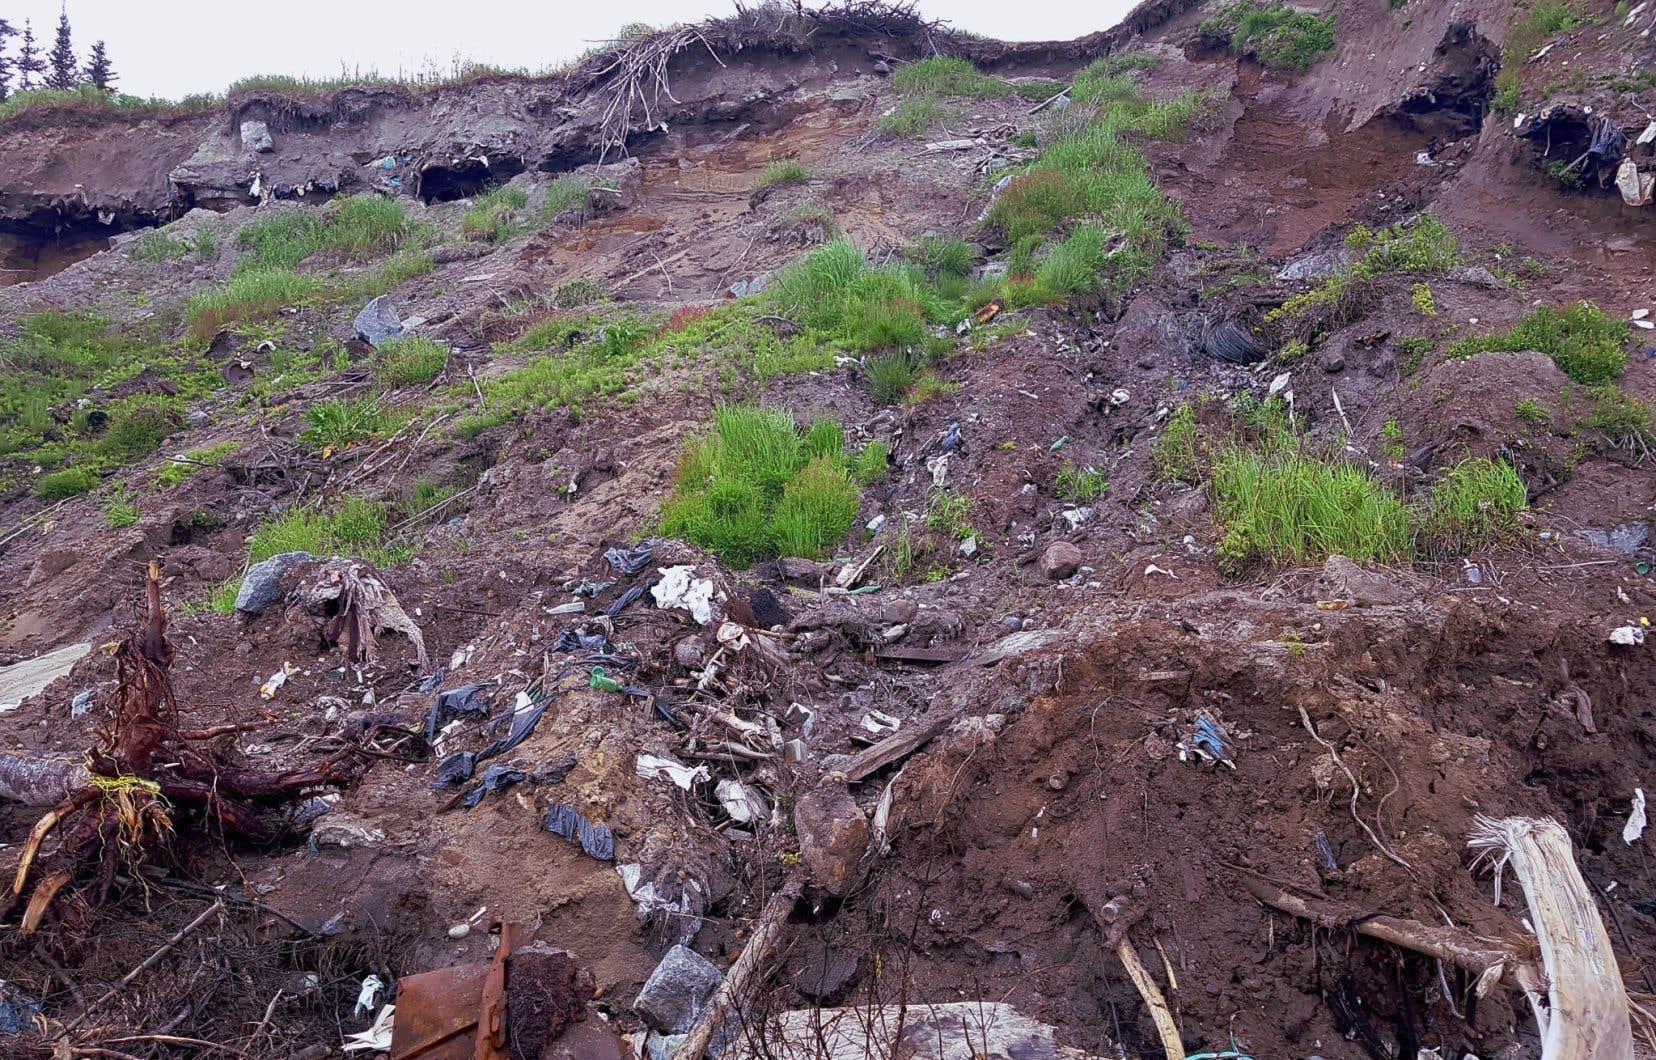 À cause de l'érosion, l'ancien dépotoir de Rivière-Saint-Jean a déversé ses saletés dans l'eau pendant des mois.